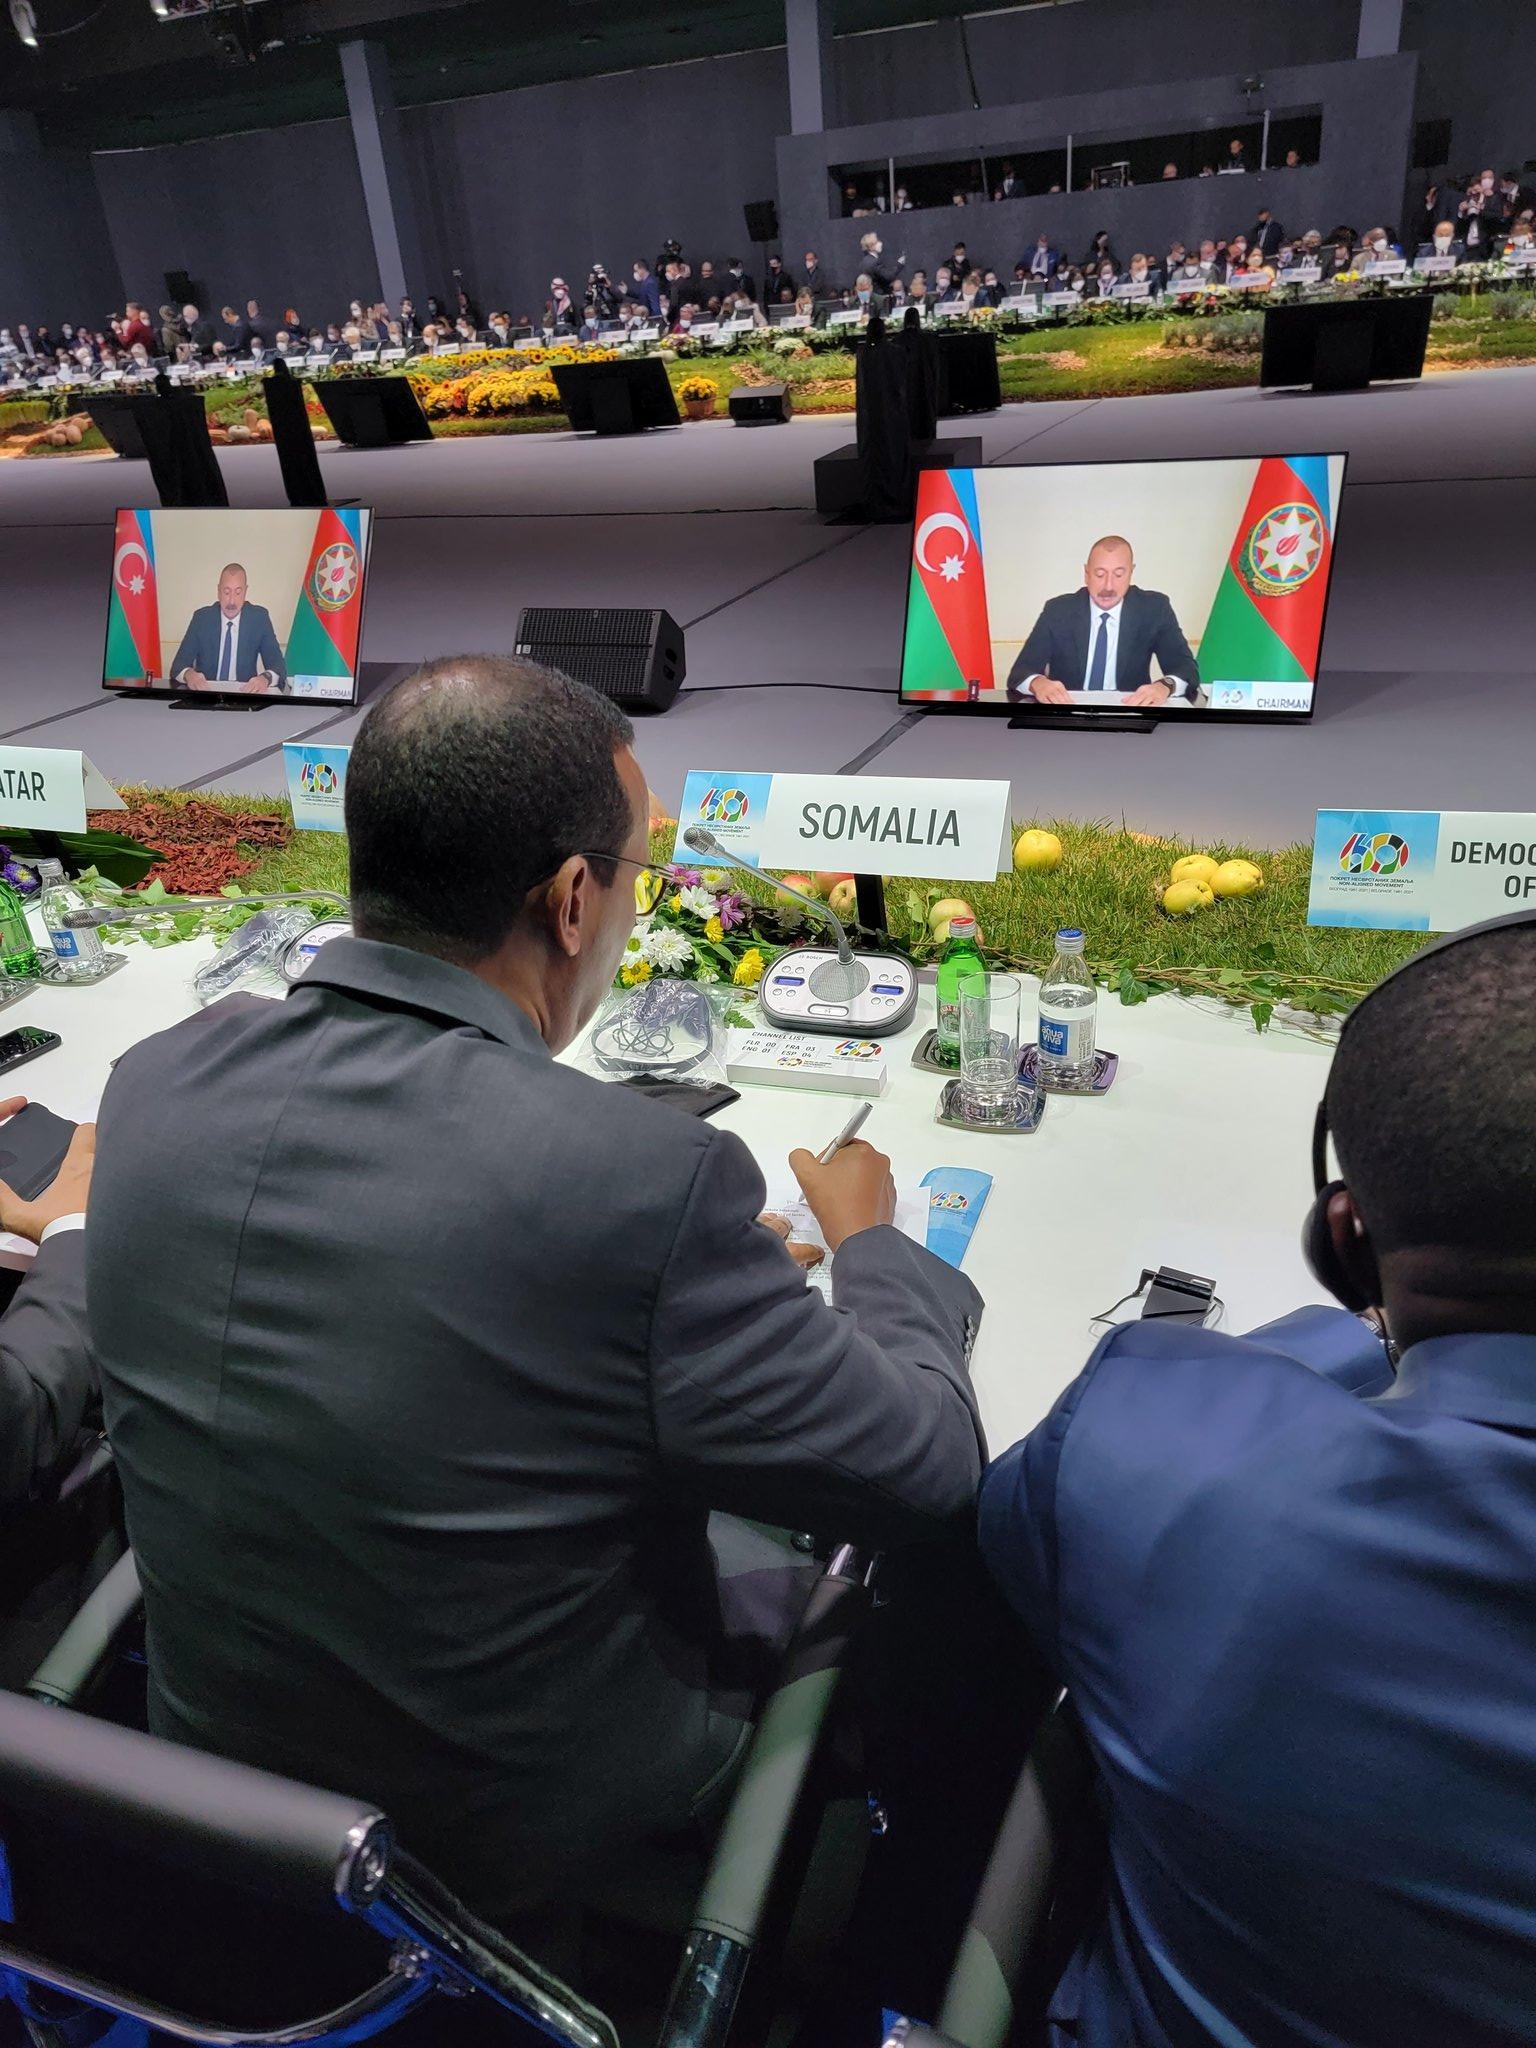 الصومال يشارك في قمة حركة عدم الانحياز في بلغراد